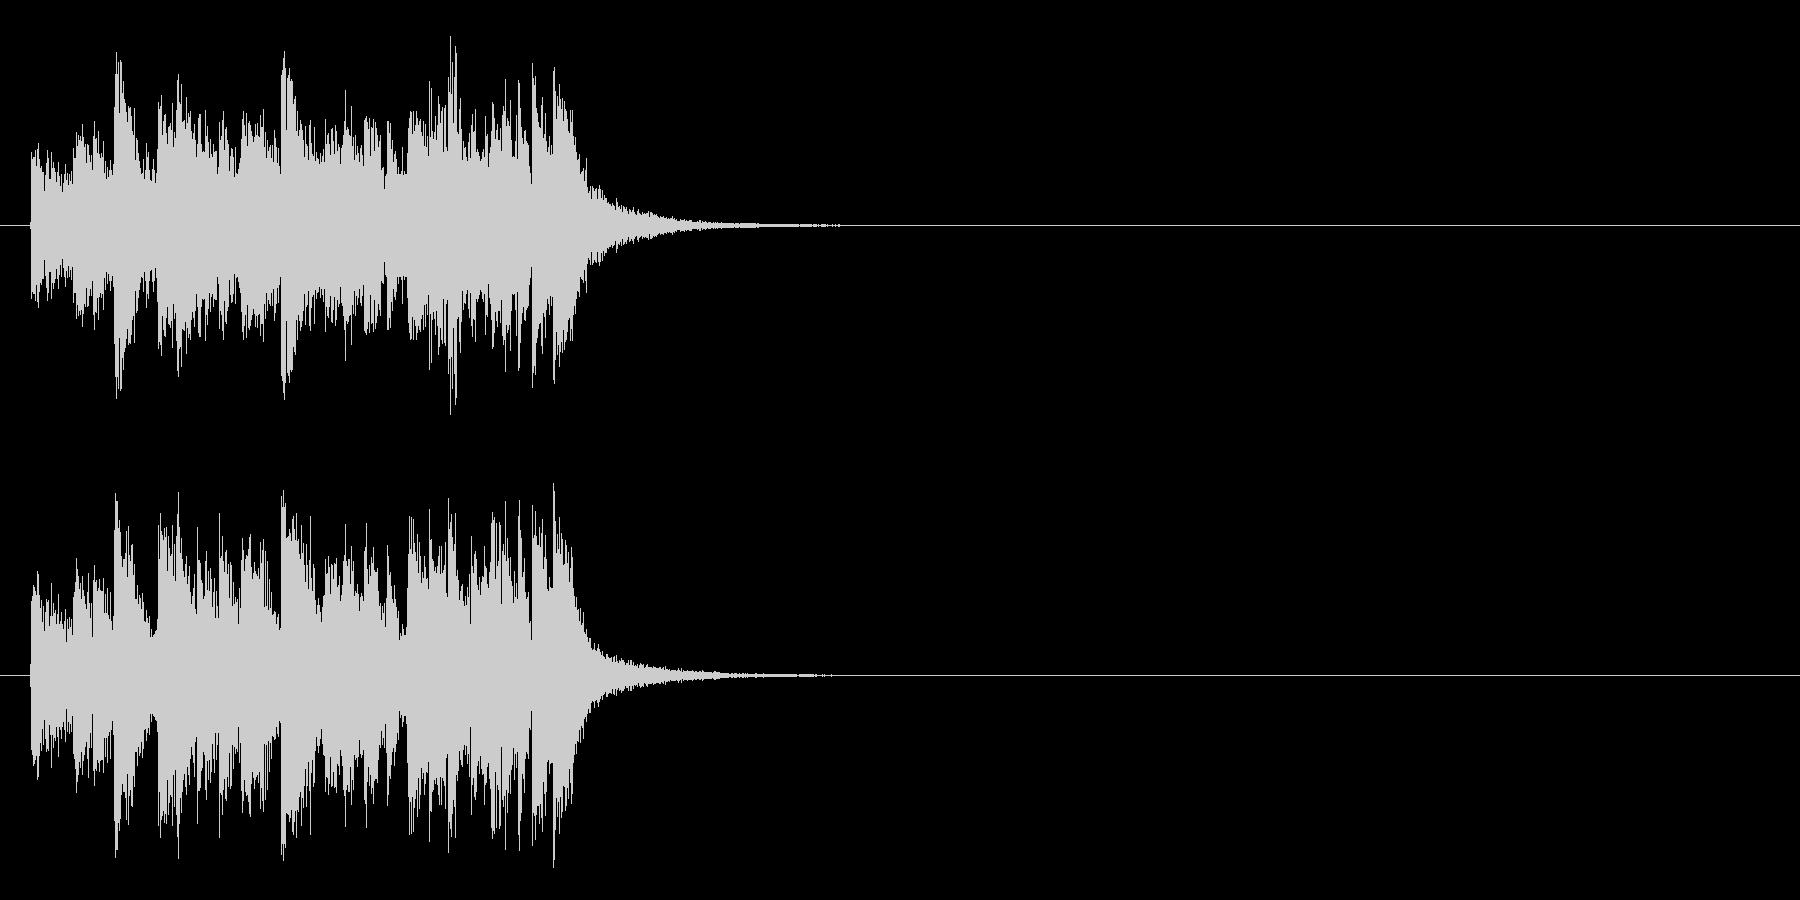 シリアスなドキュメント風マイナー調の曲の未再生の波形